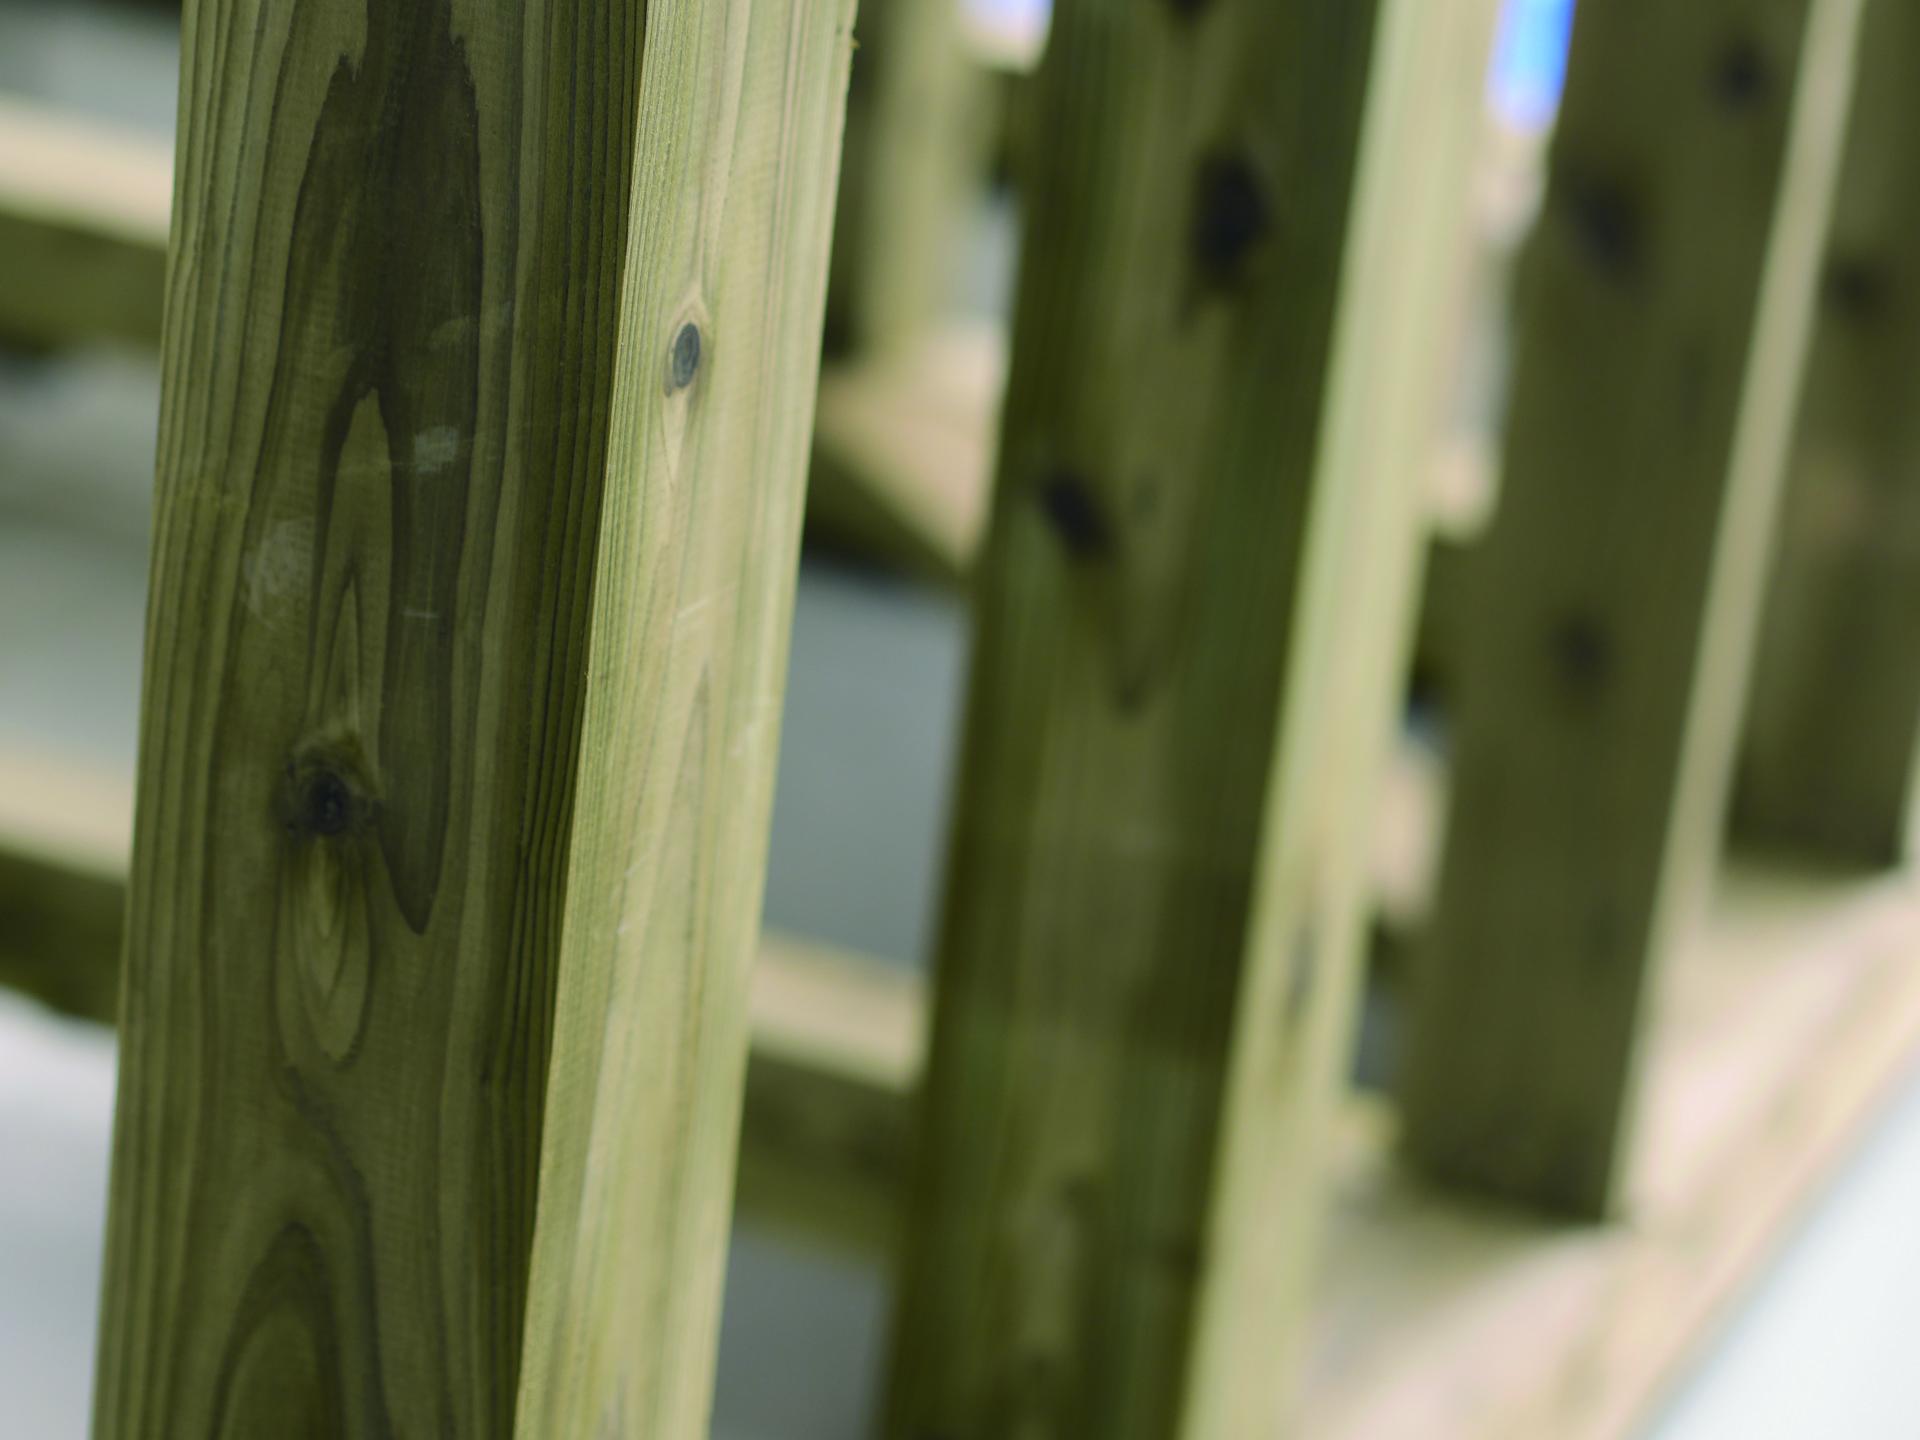 9月<腐らない木>で建てる理由がわかる見学会開催。